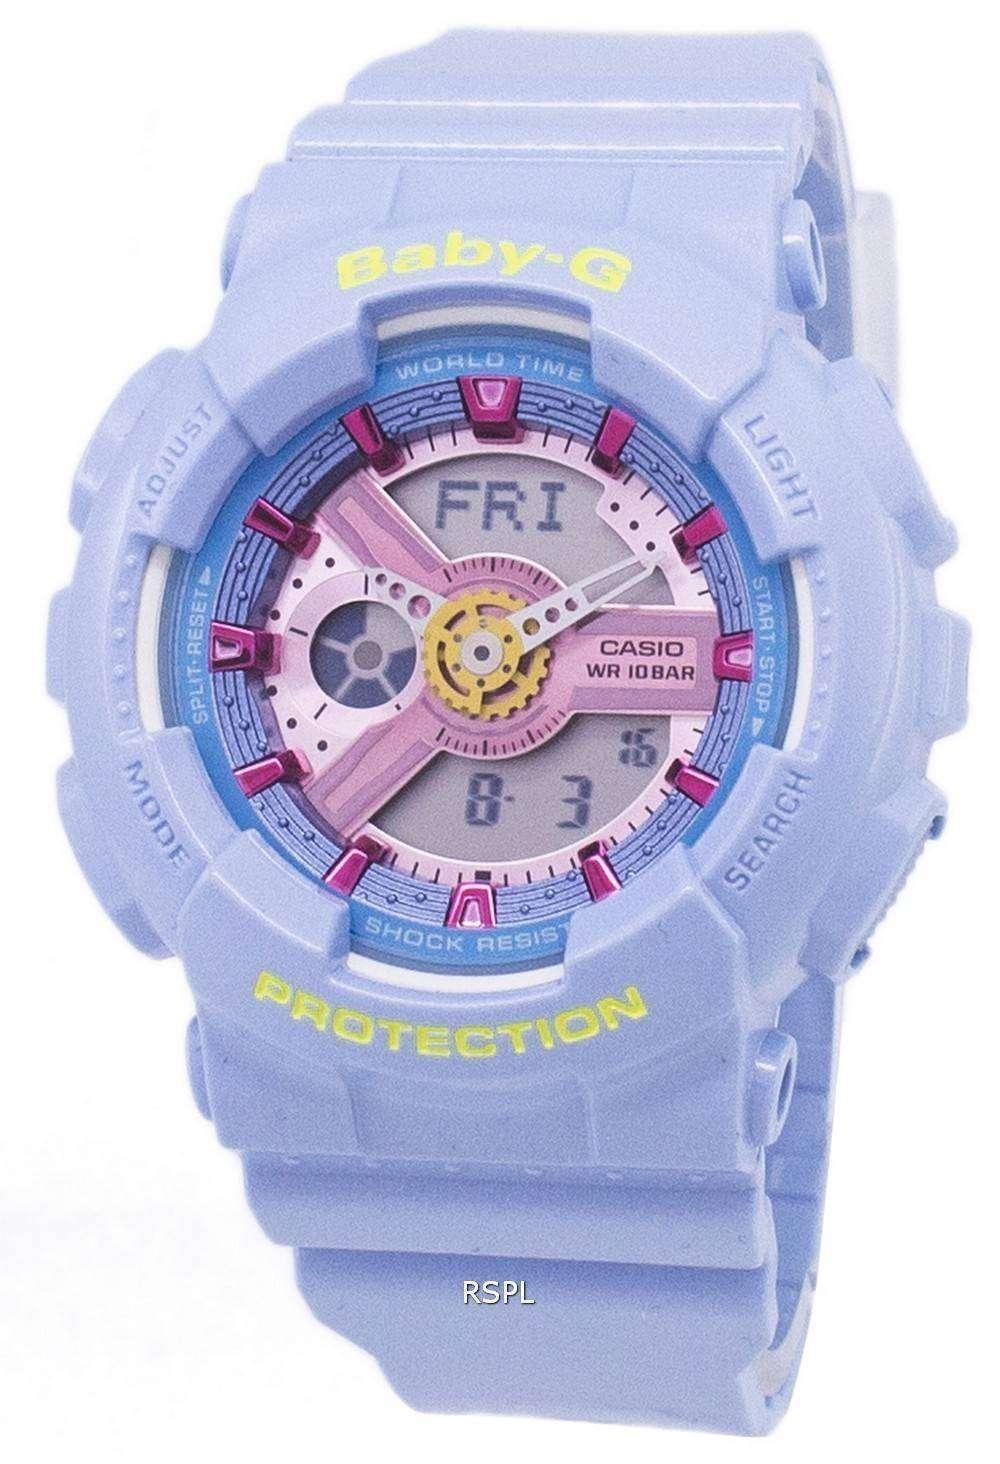 b6d3c74c02d9 Reloj Casio Baby-g Analógico Digital Mundial tiempo BA-110CA-2A de ...